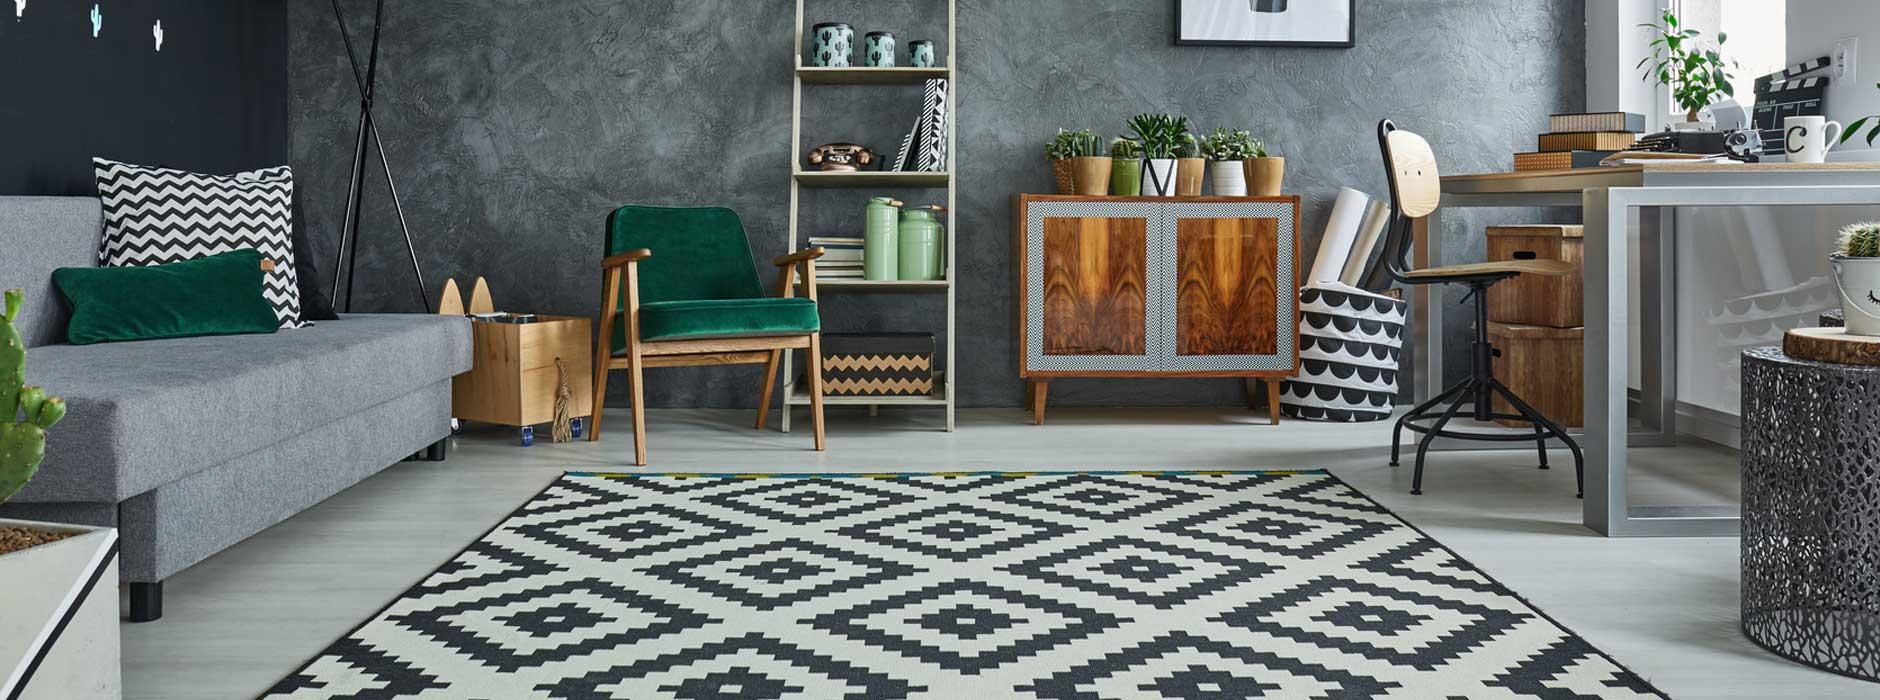 kurzflor langflor gewebt 10 tipps f r den teppichkauf ratgeber magazin tipps von. Black Bedroom Furniture Sets. Home Design Ideas